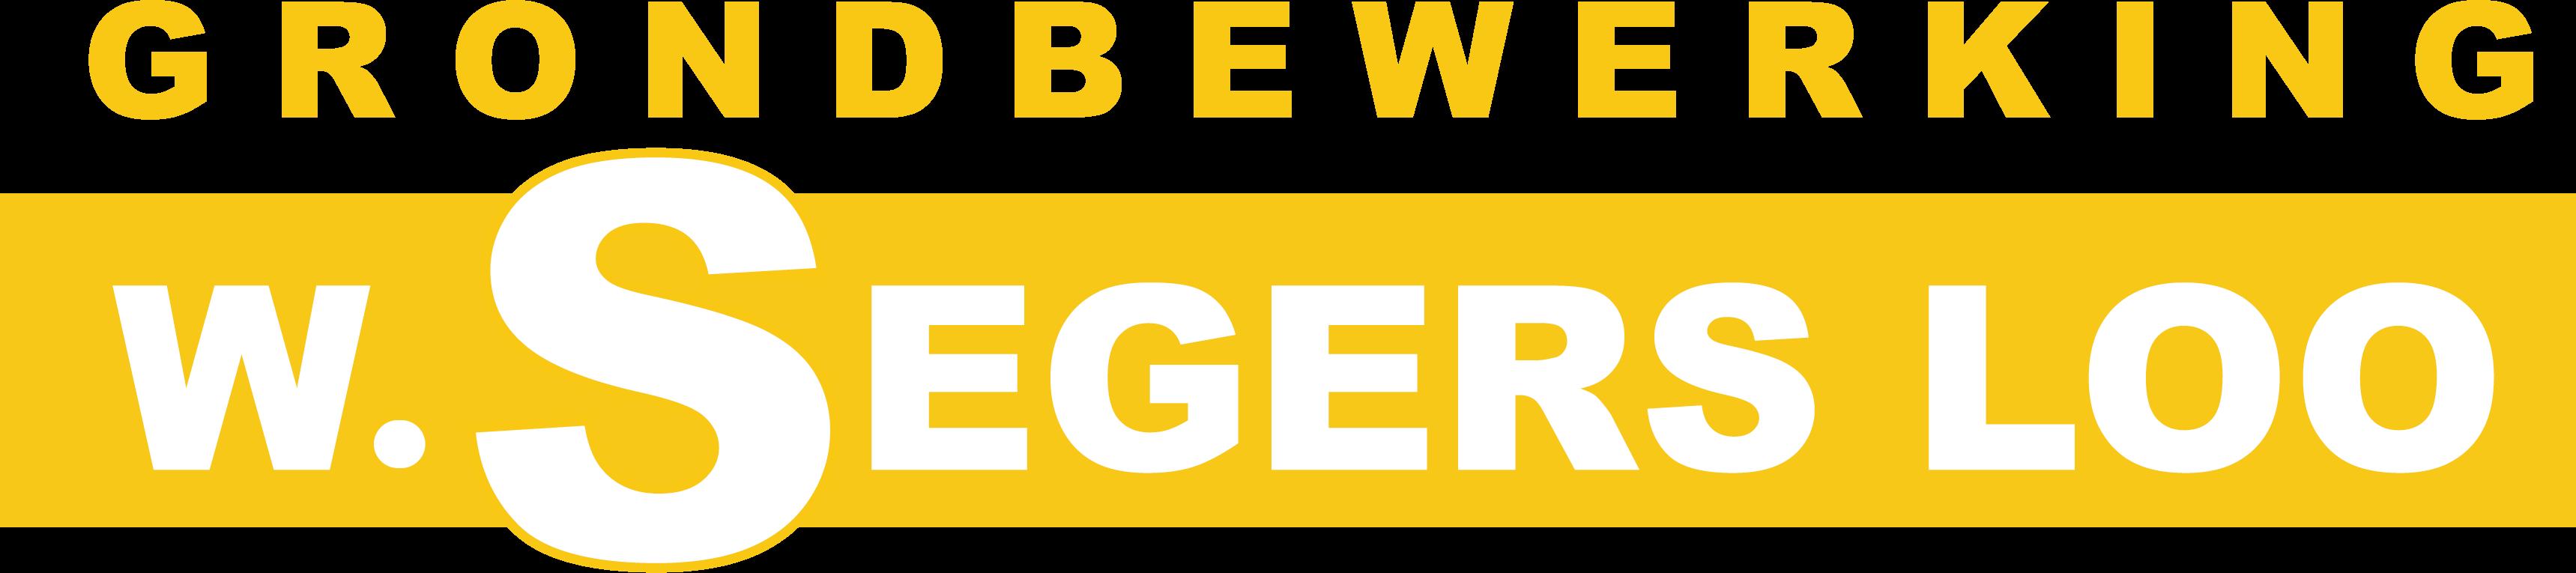 Segers Loo